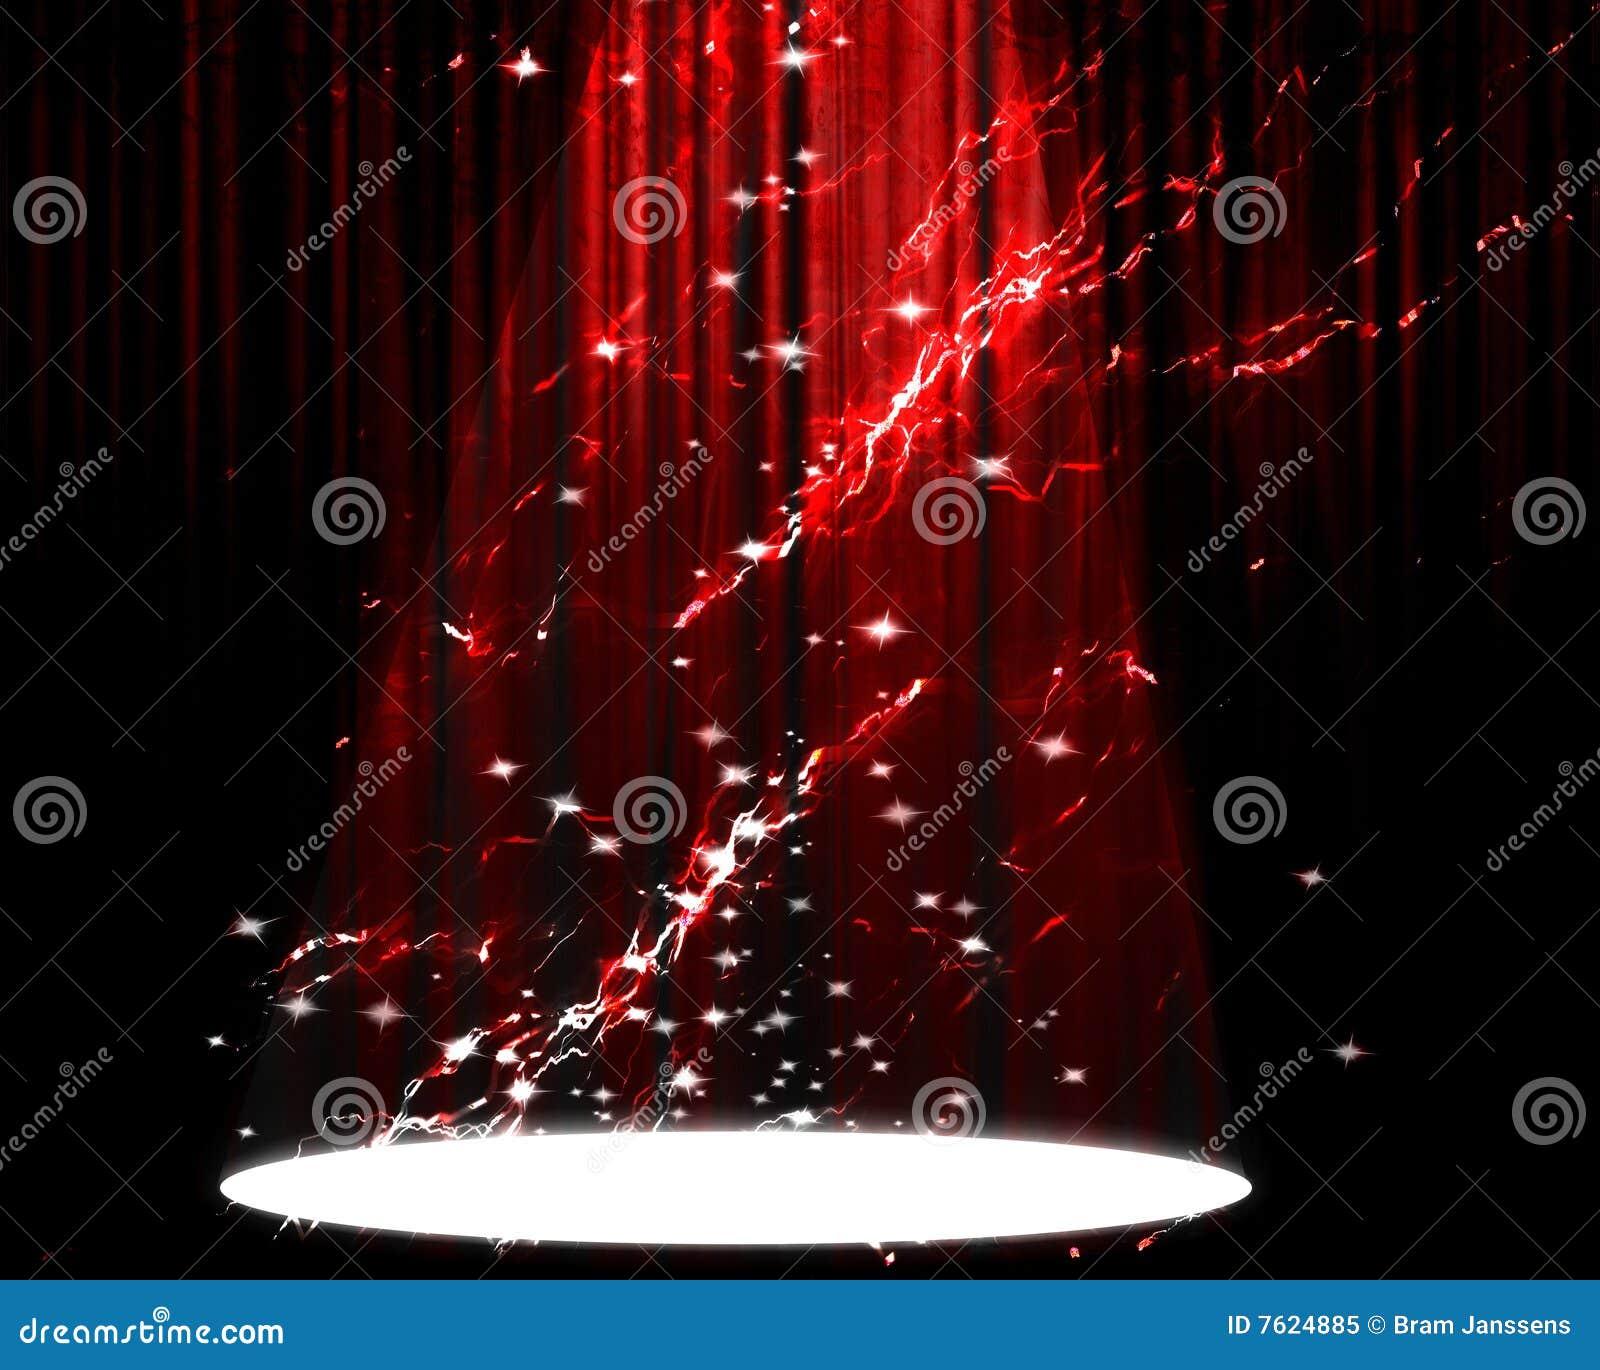 电影或剧院窗帘